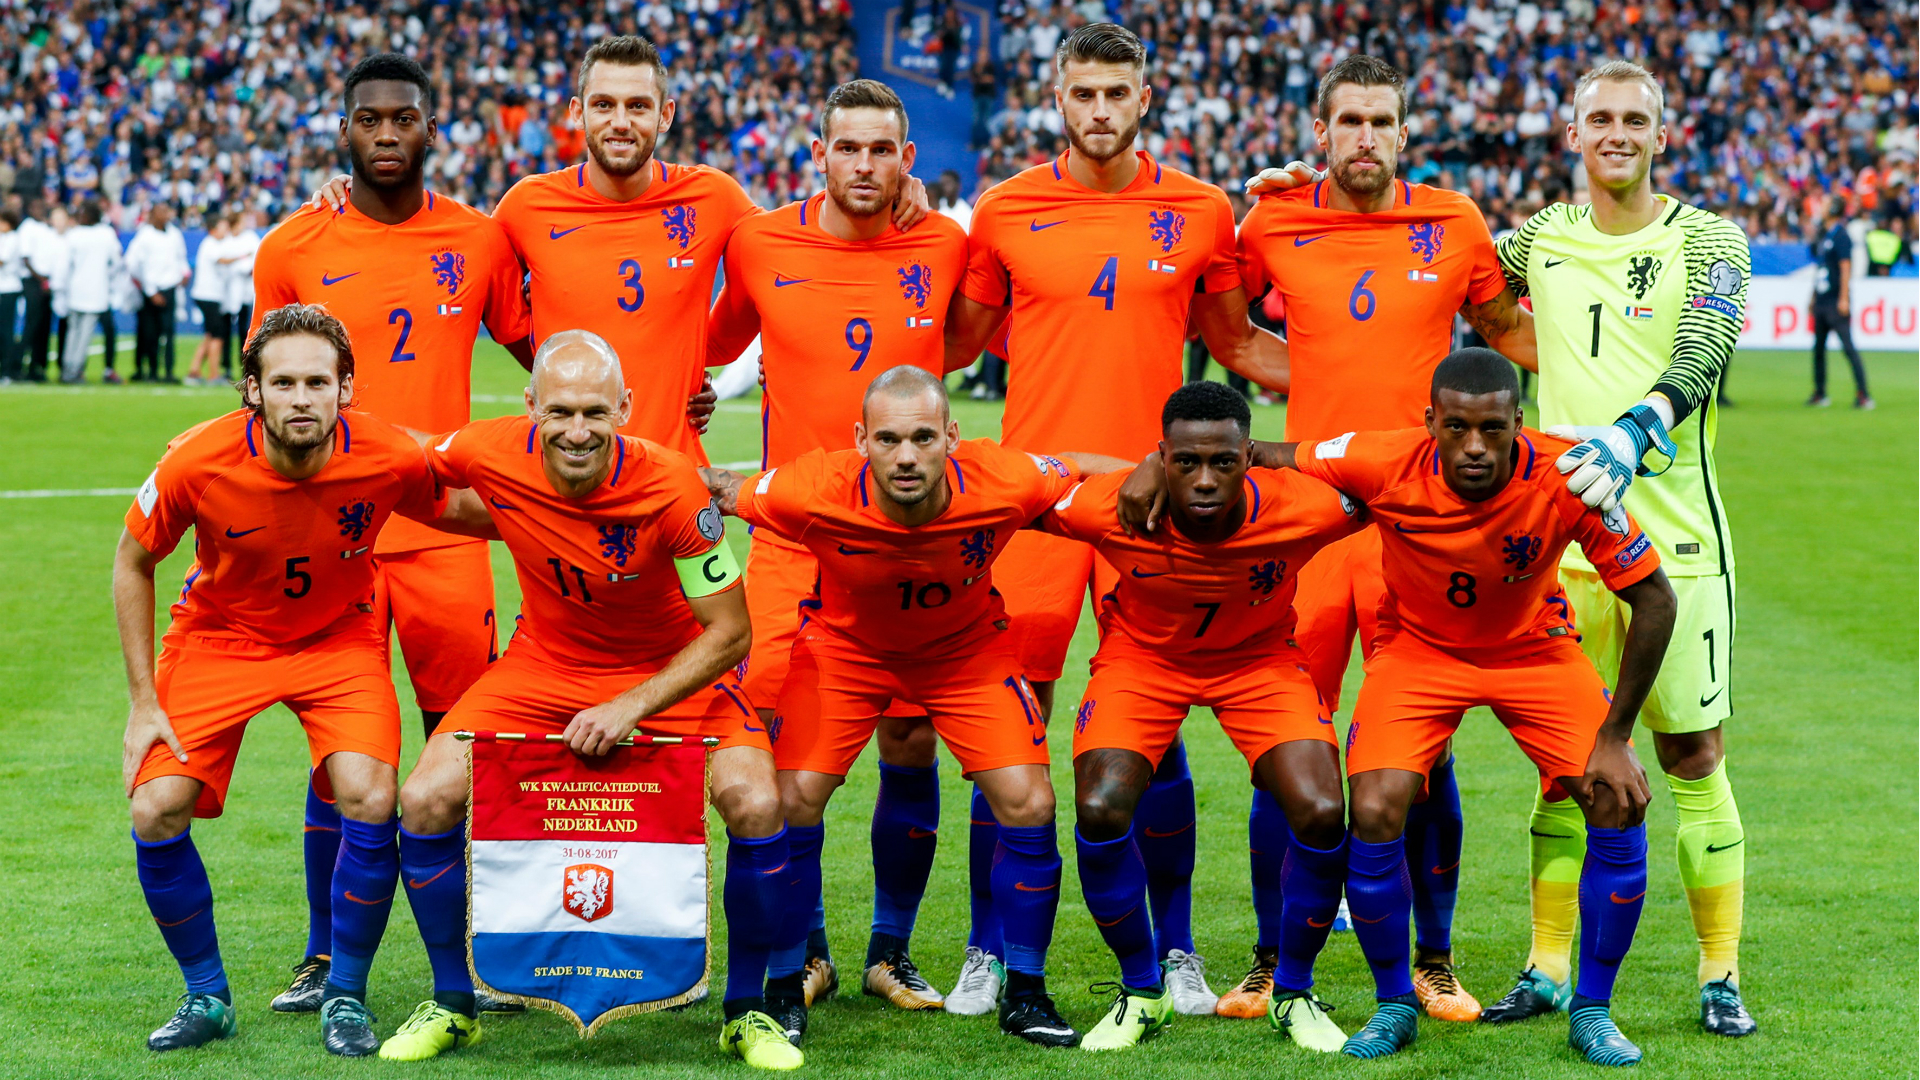 Frankrijk - Nederland, 31-08-2017, Oranje